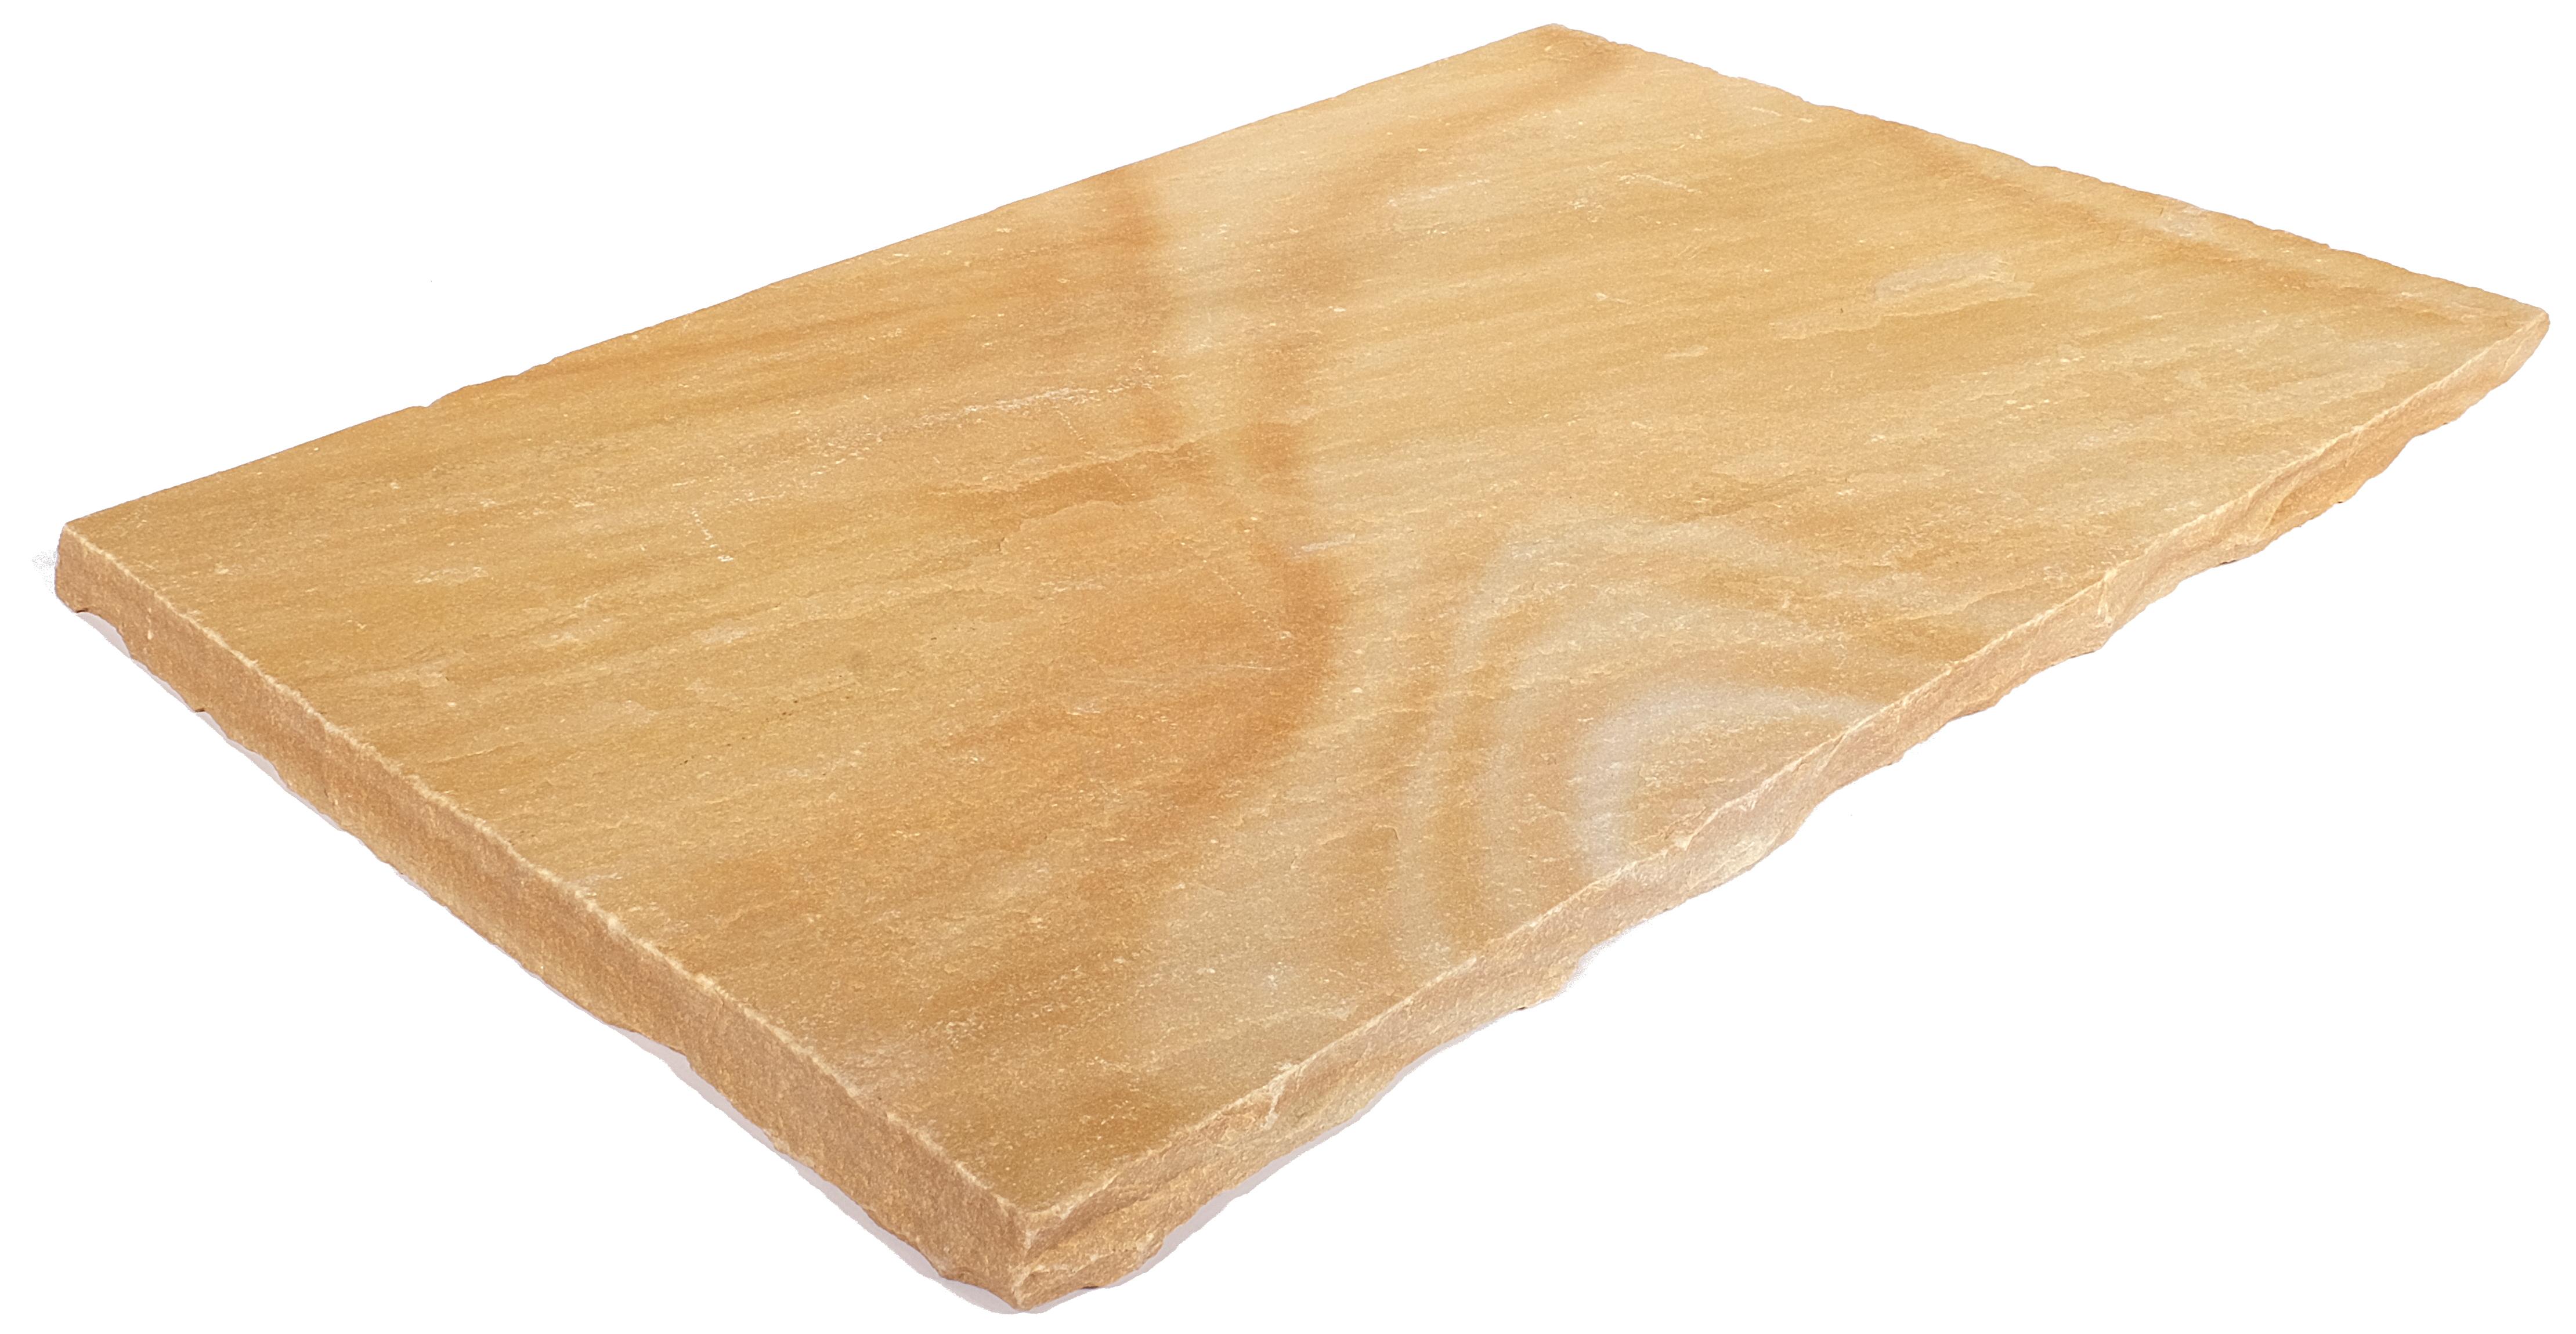 sand dunes bodenplatten fachcenter f r zierkies ziersplitt mauersteine terrassenplatten und. Black Bedroom Furniture Sets. Home Design Ideas